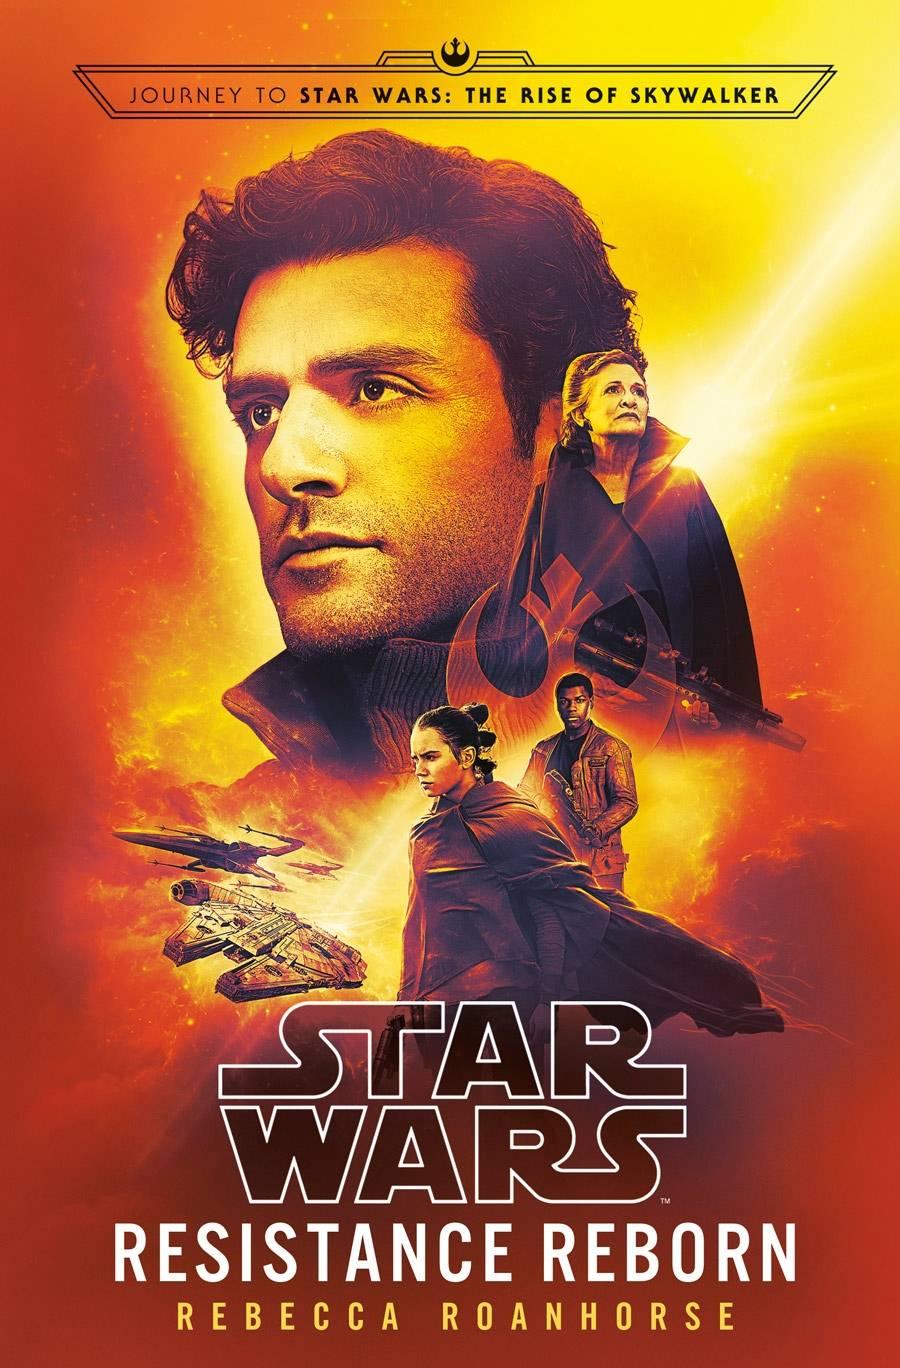 Lucasfilm представила сопутствующие книги к выходу девятого эпизода «Звёздных войн» 1